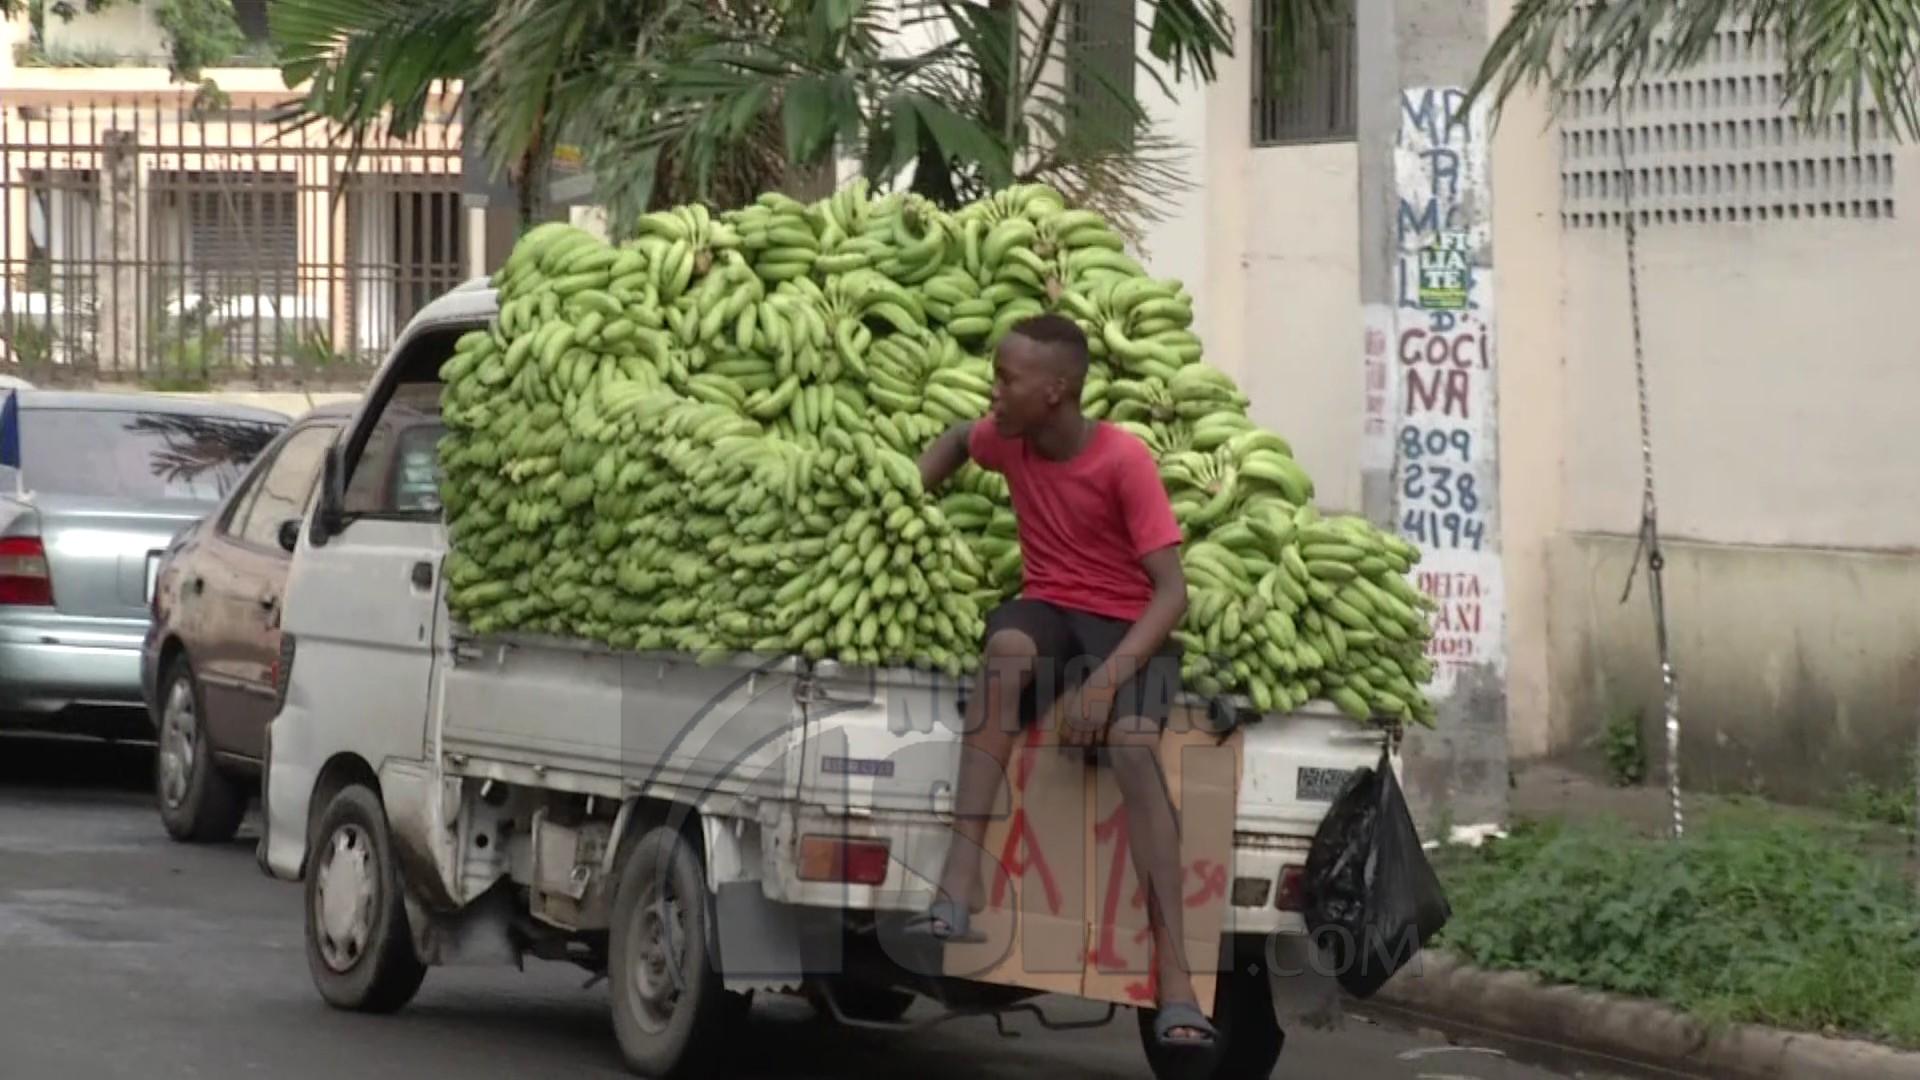 Vendedores de guagüitas plataneras se queja por retención de vehículos